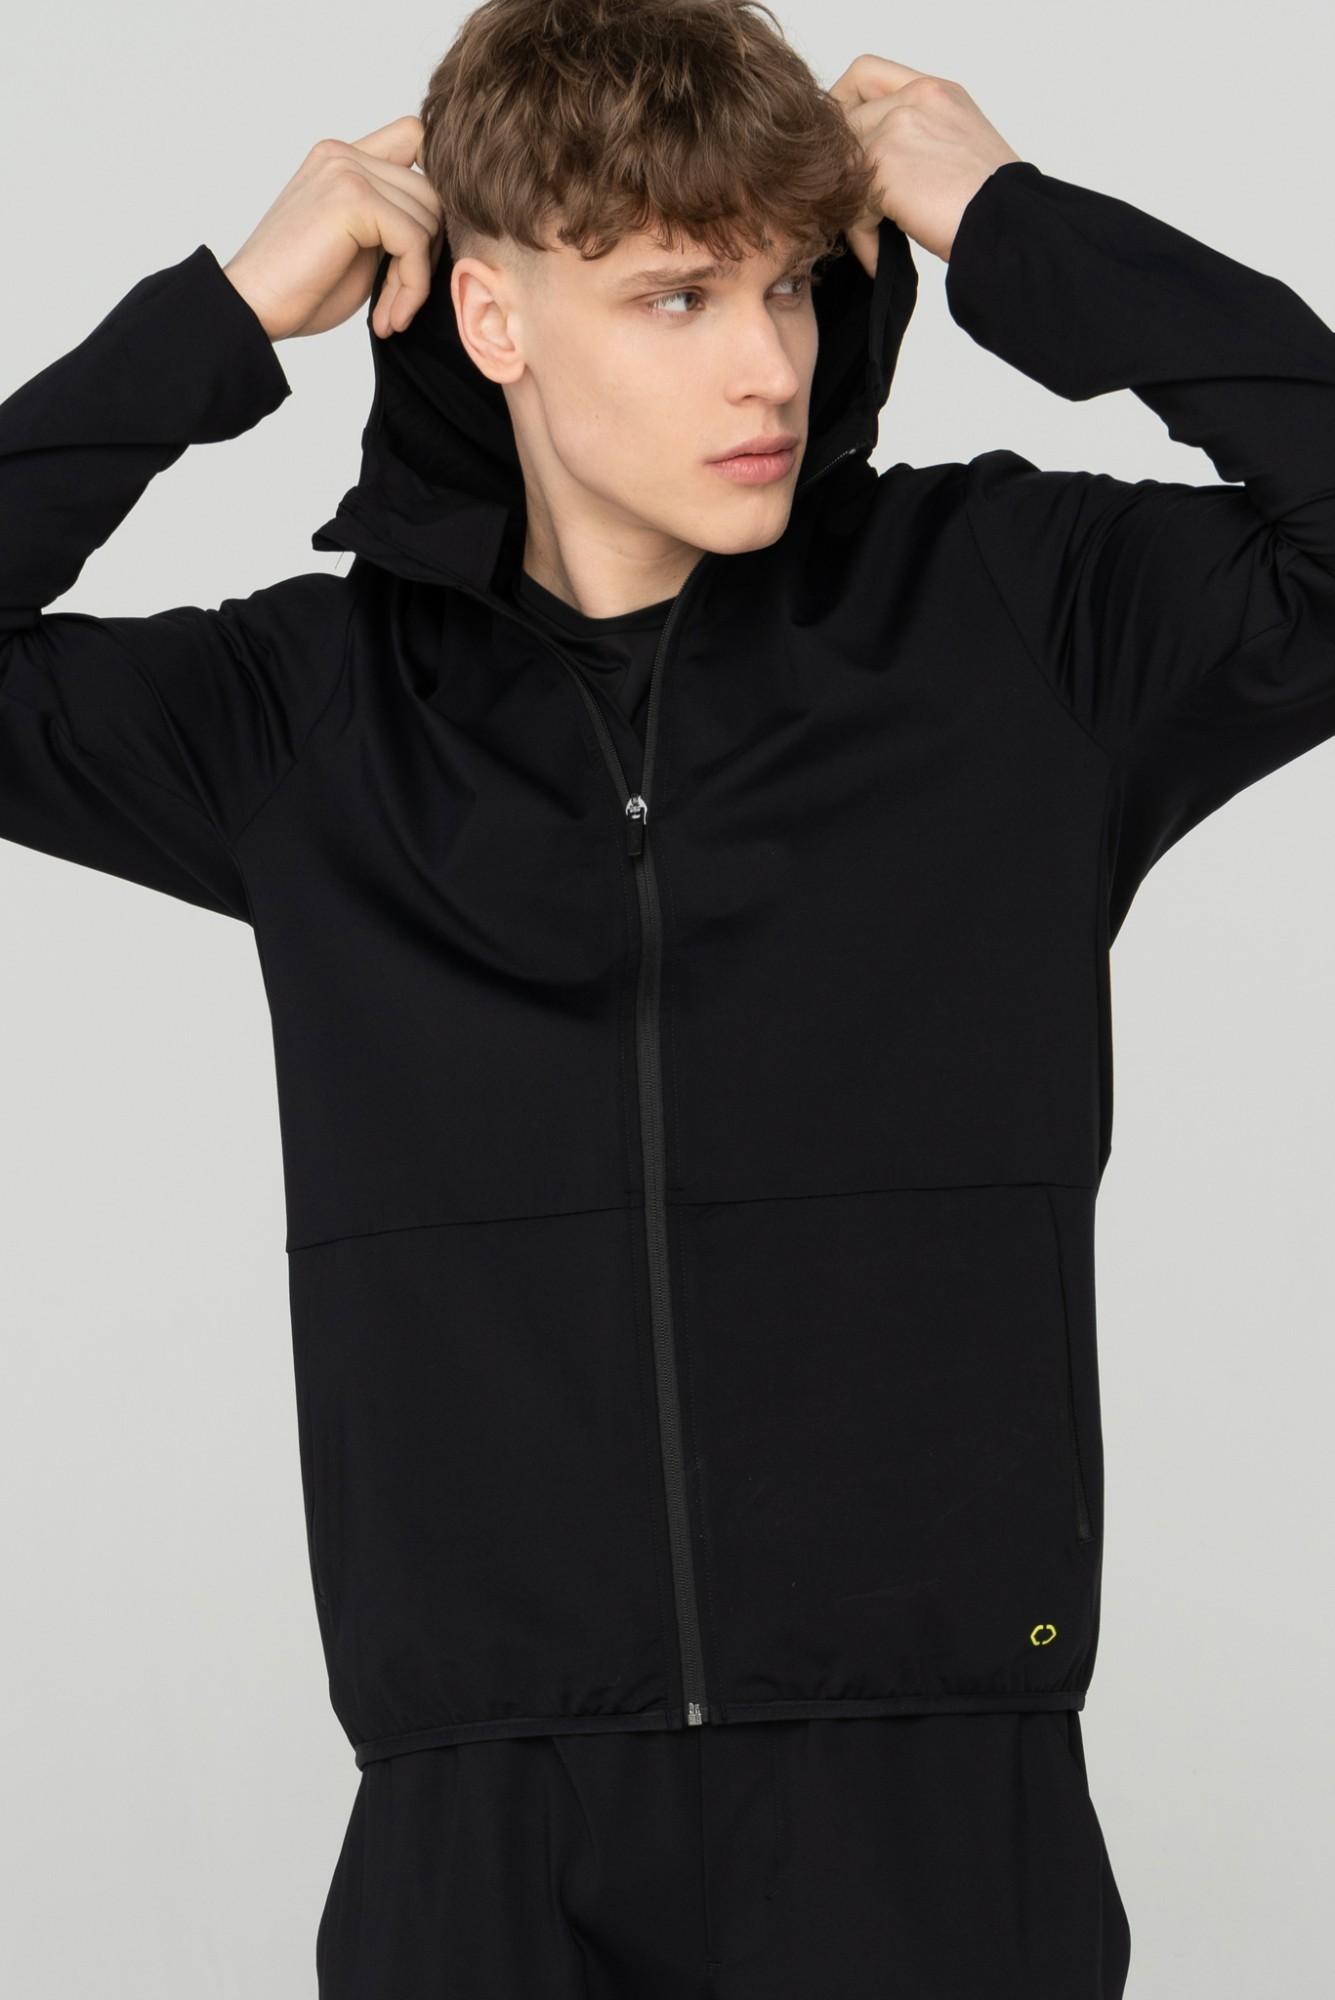 AUDIMAS Funkcionalus atsegamas džemperis 2111-683 Black S